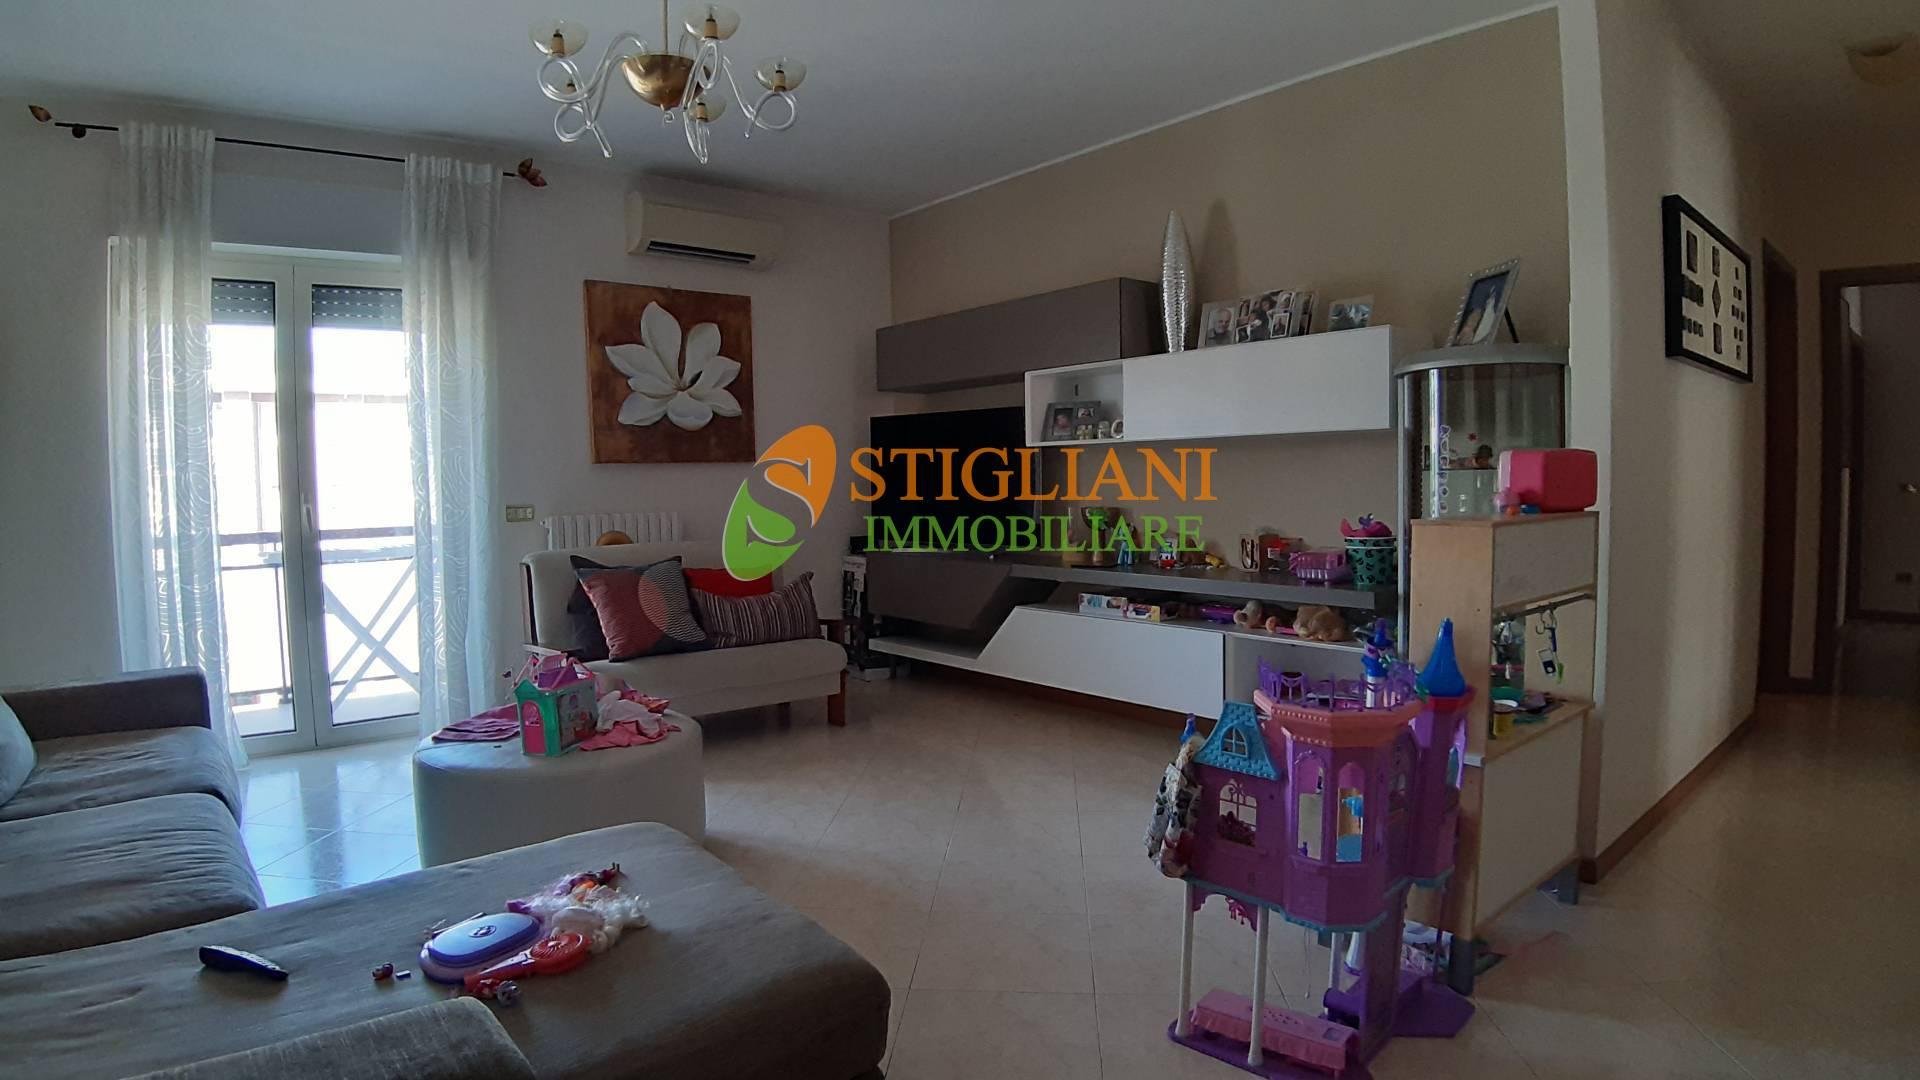 Appartamento in vendita a Campobasso, 5 locali, zona Zona: Centro, prezzo € 275.000 | CambioCasa.it